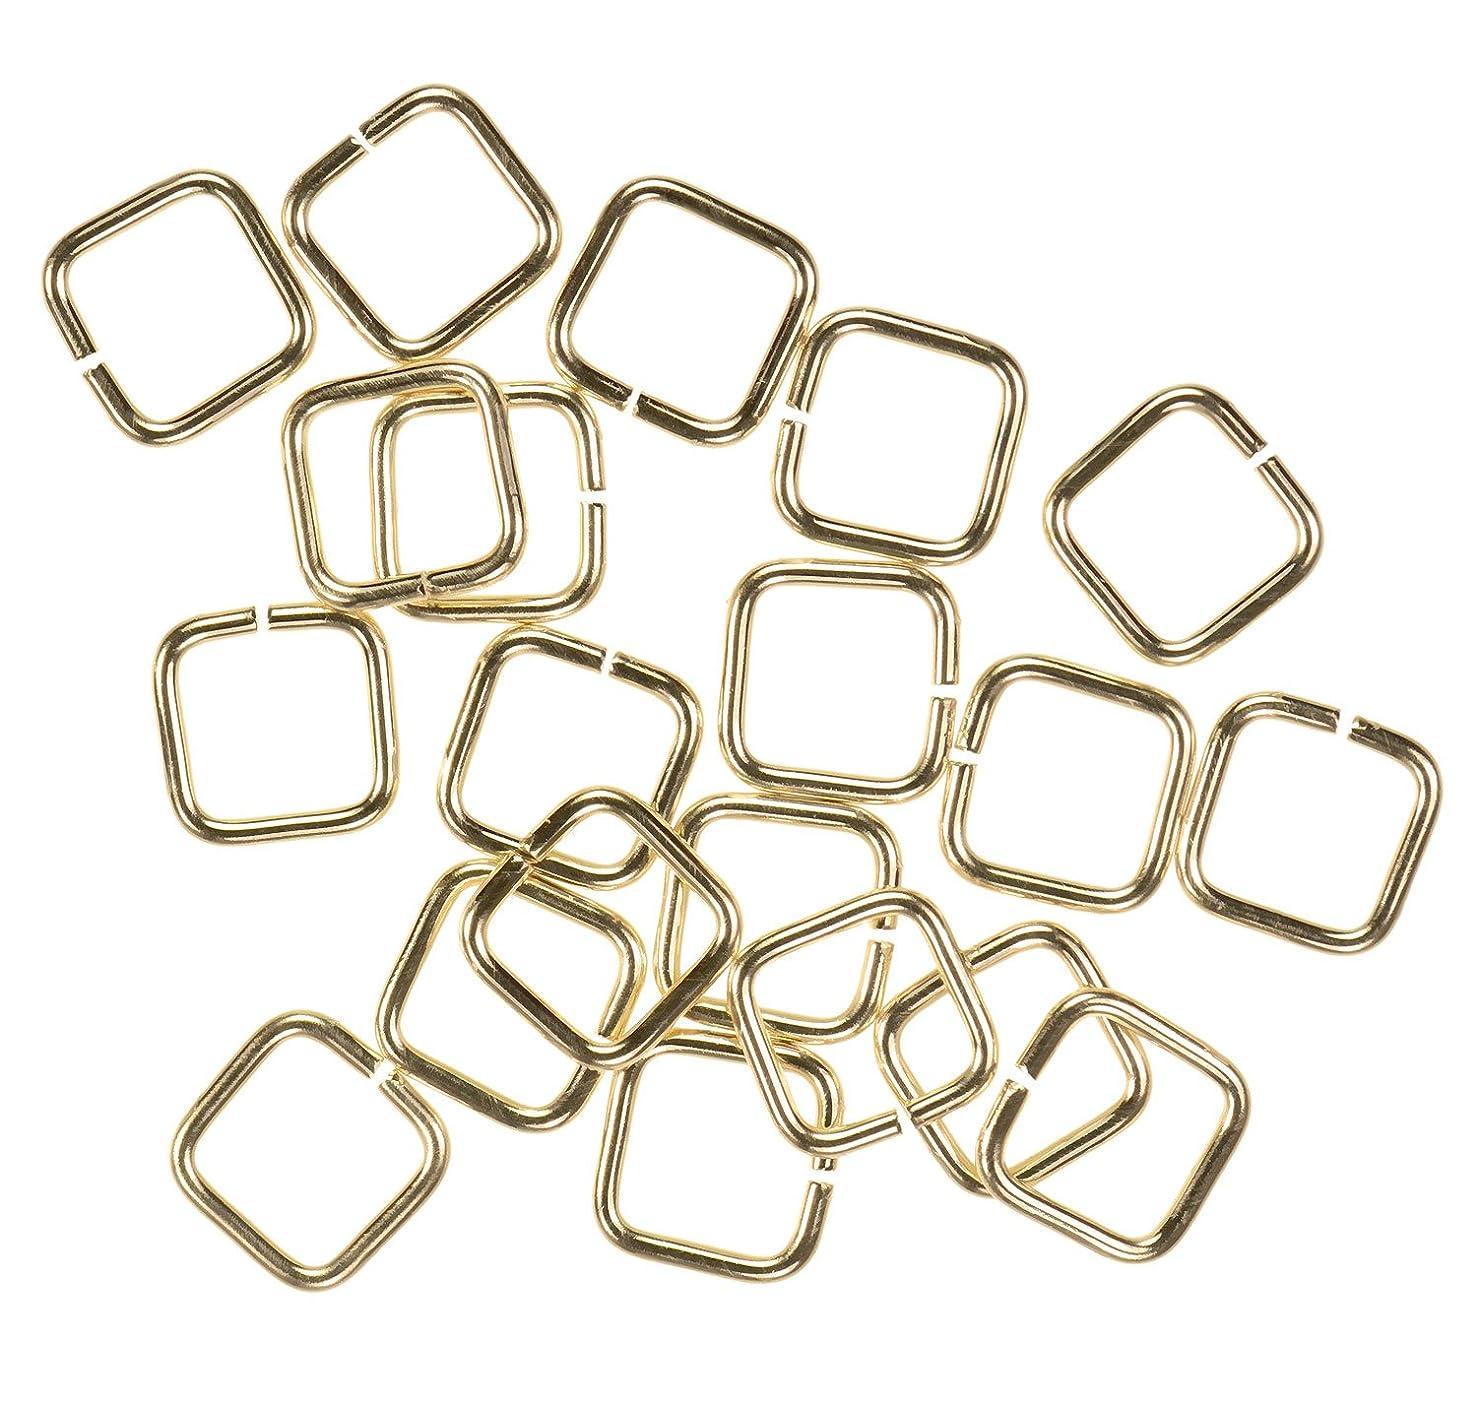 uGems 20 14K Gold Filled Jump Ring Square 20ga 6mm